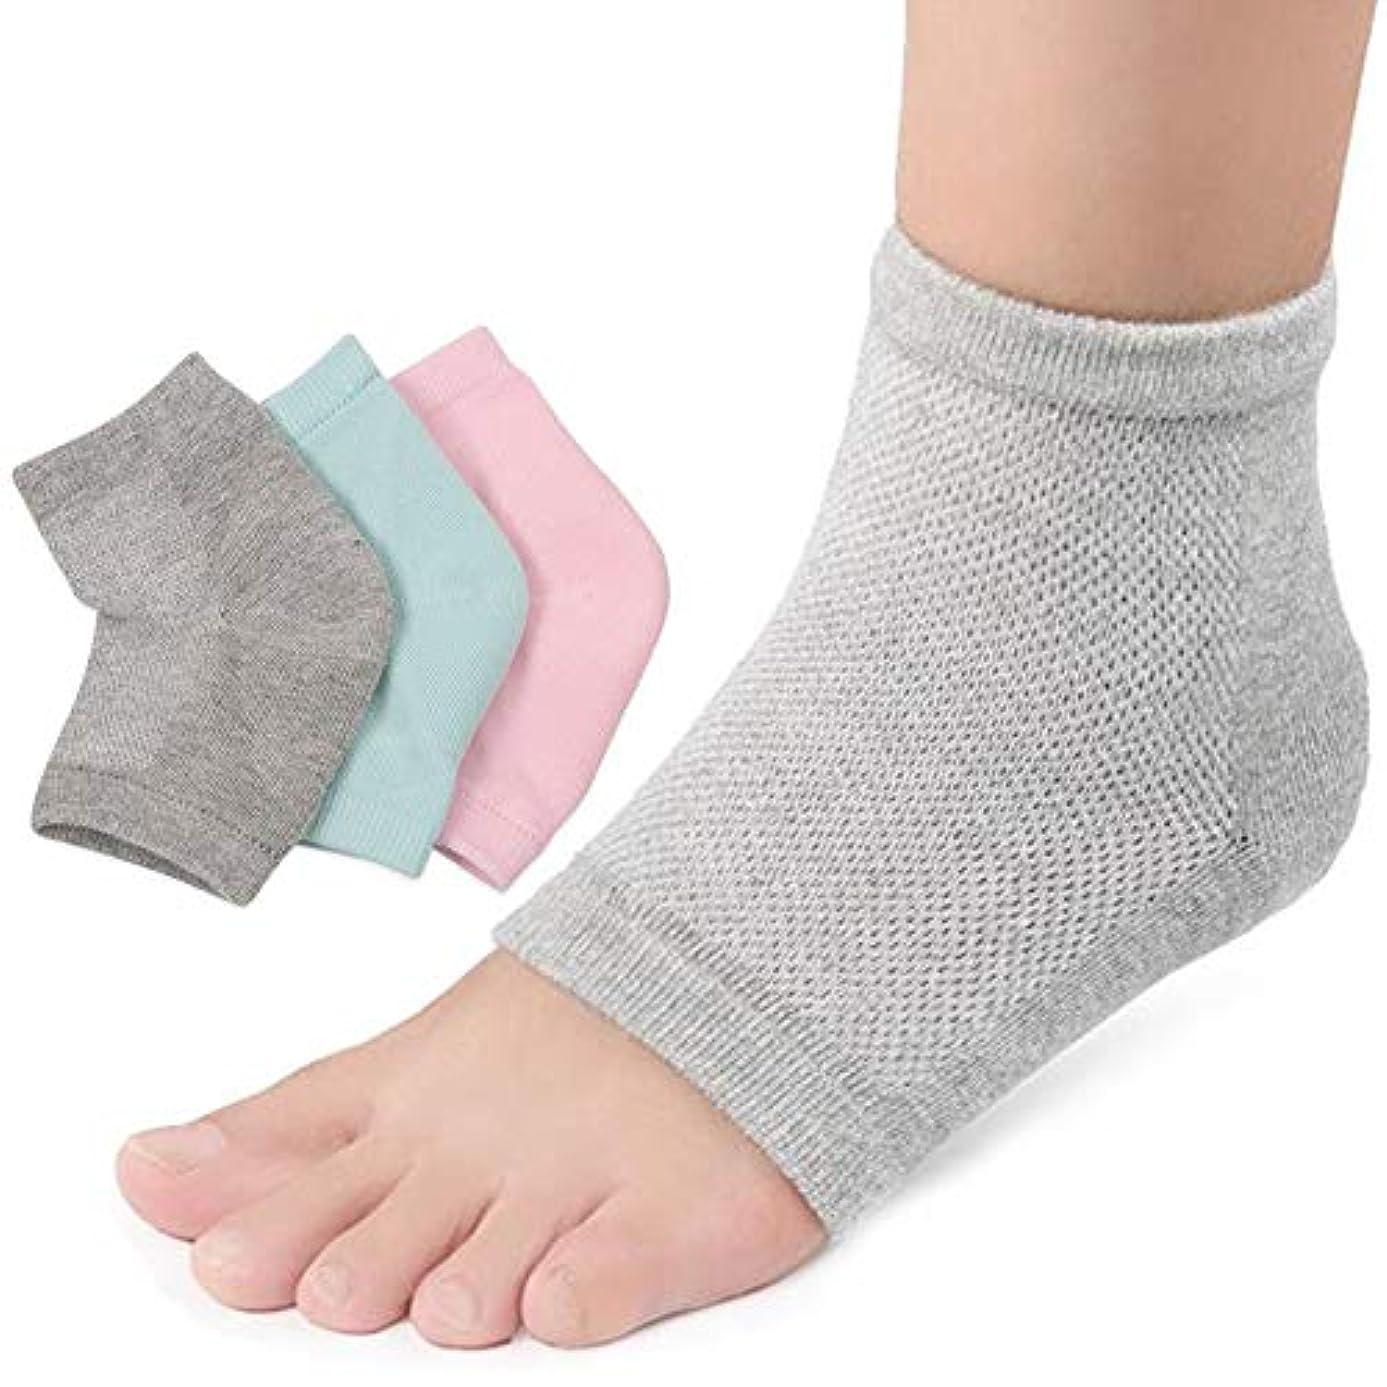 バルブ豪華な純度3足セットかかと 靴下 かかとケア つるつる ジェル 靴下 角質 ケア 保湿 美容 角質除去足ケア 男女兼用